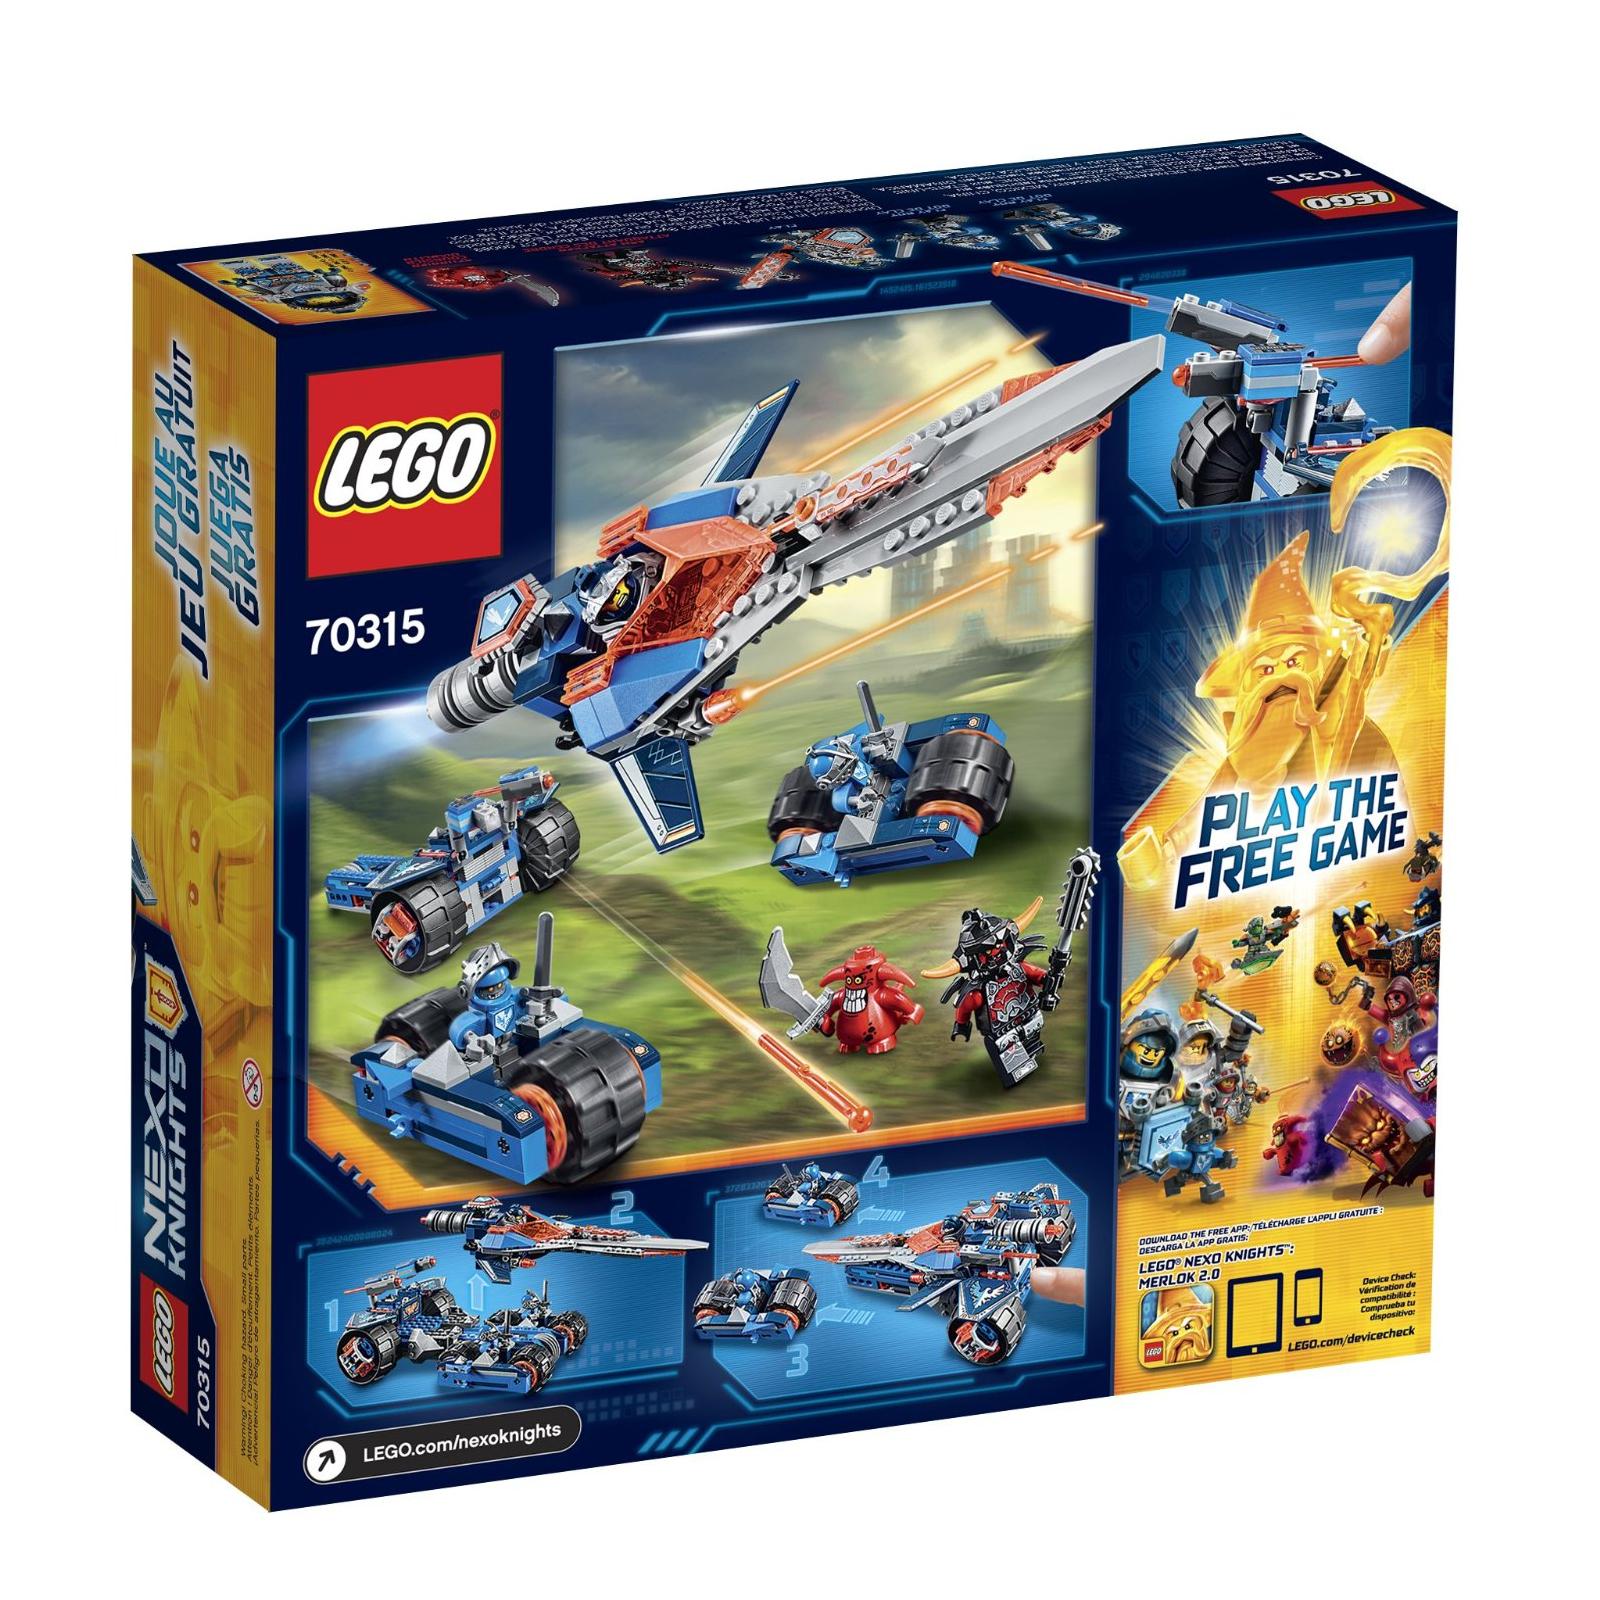 Конструктор LEGO Nexo Knights Устрашающий разрушитель Клэя (70315) изображение 12